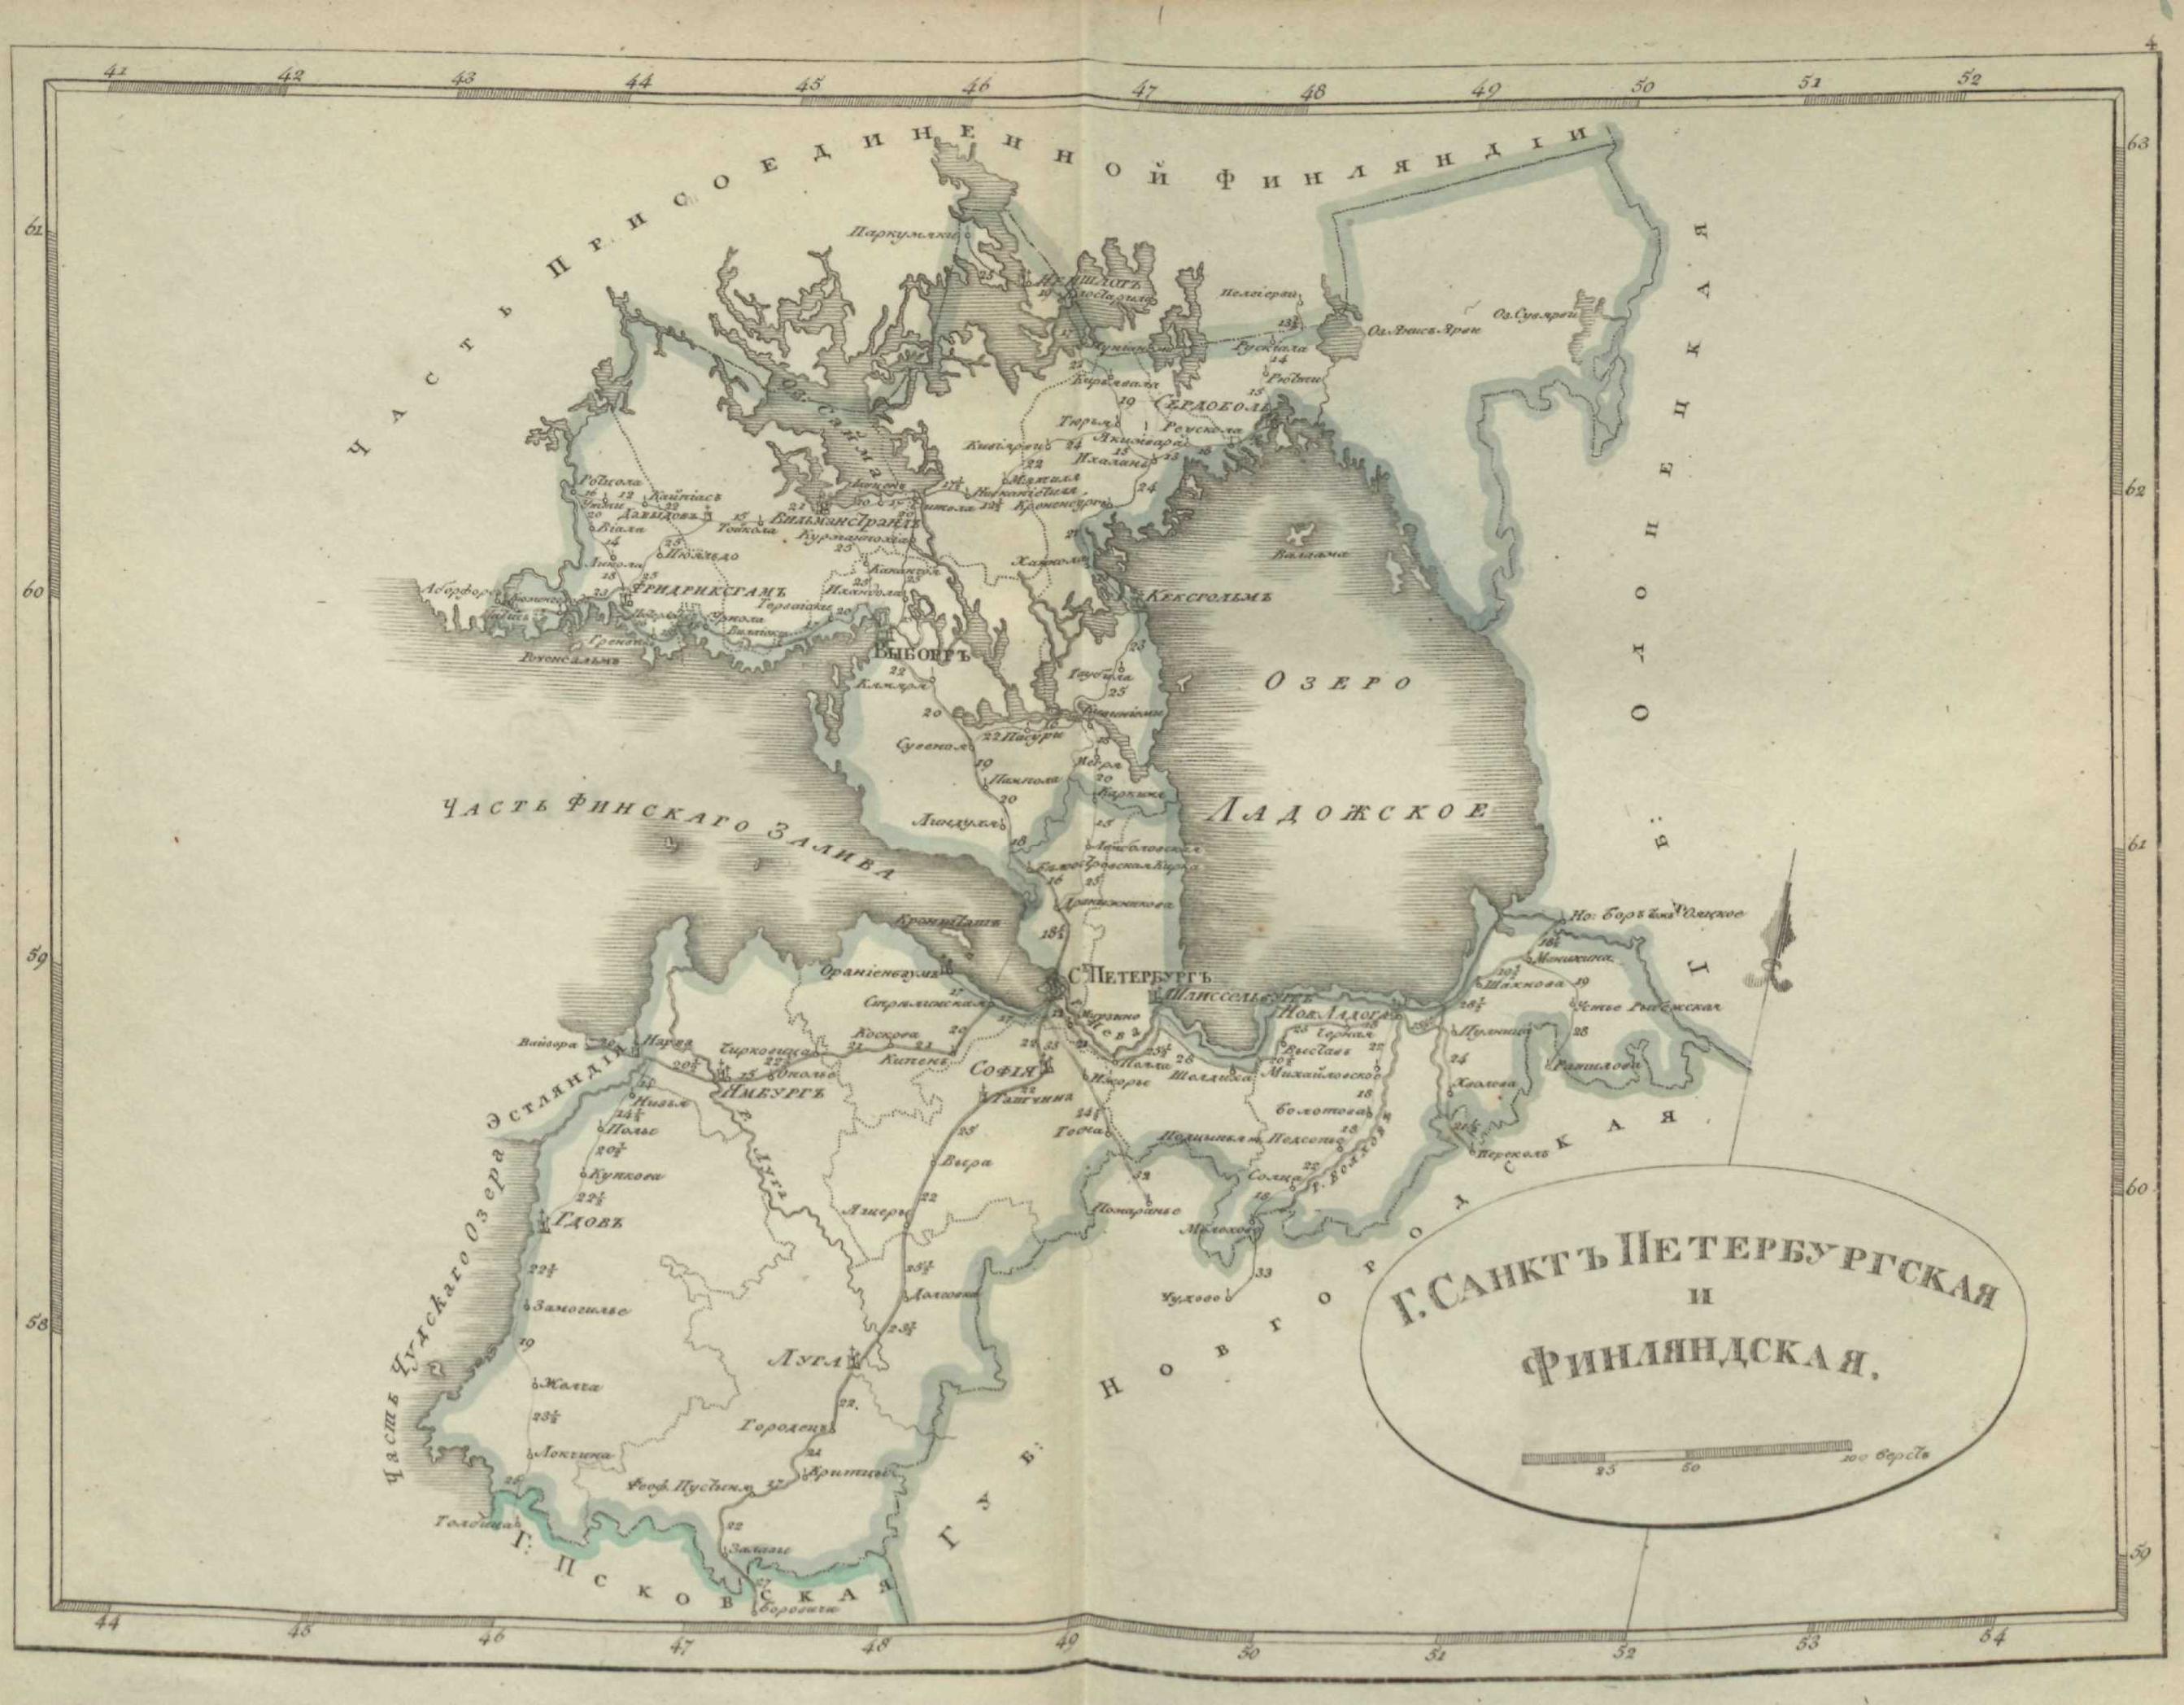 Санкт-петербуржская и Финляндская губернии